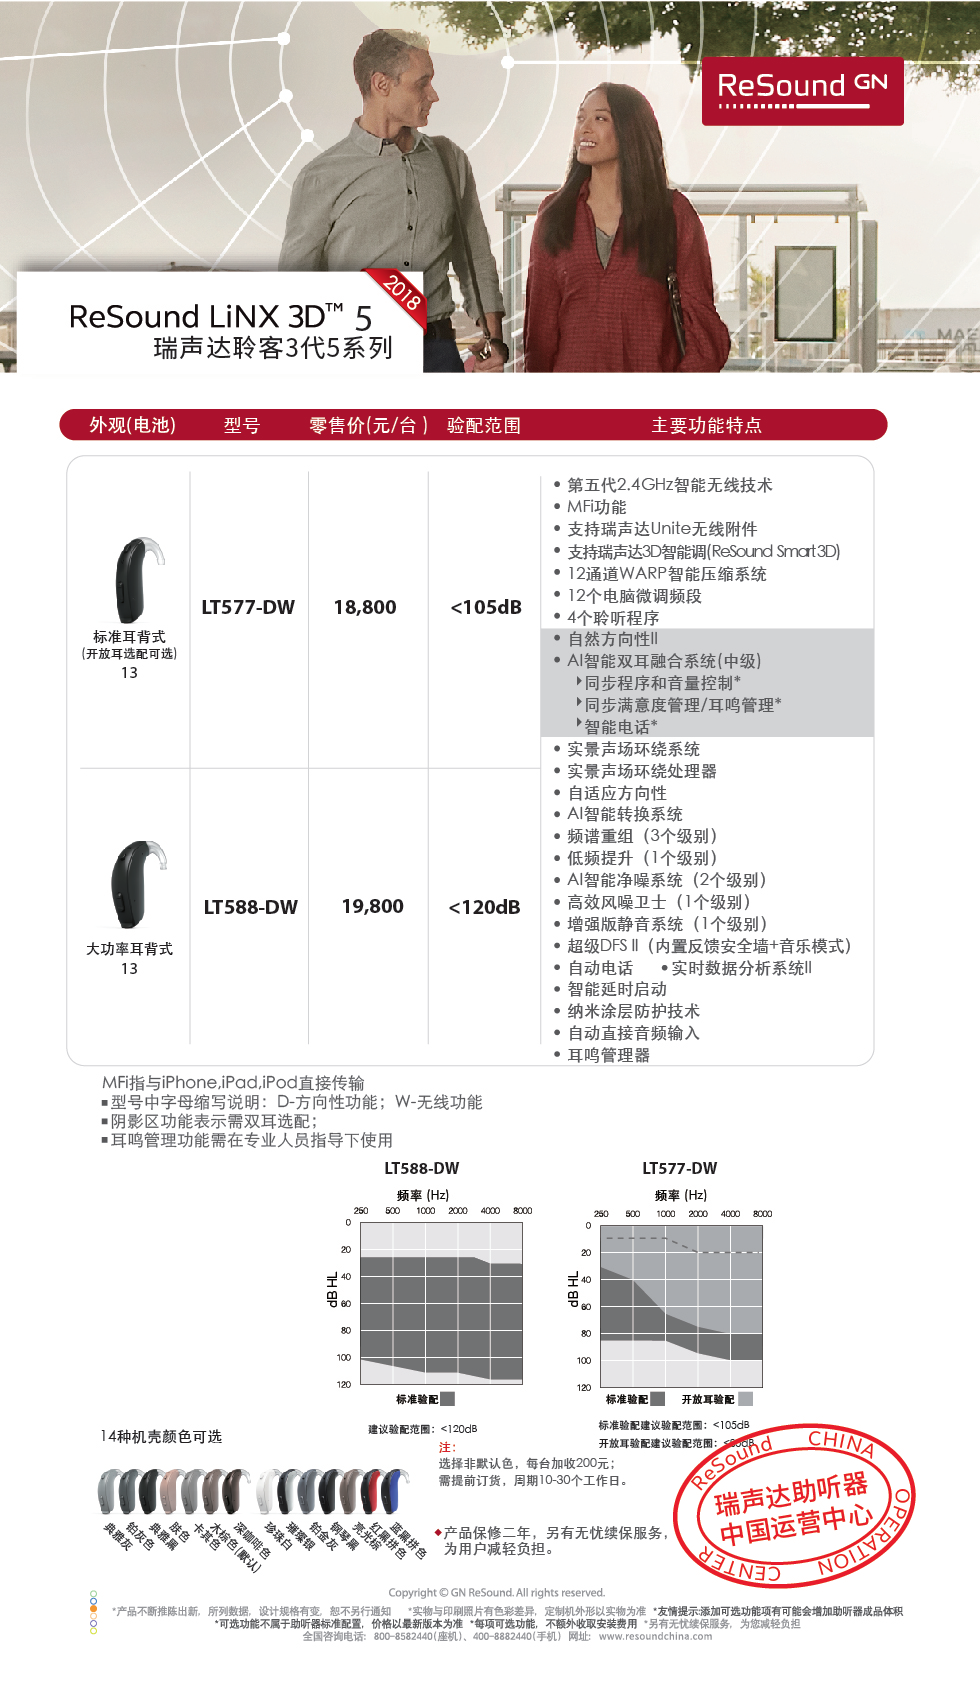 瑞声达聆客3代5系列助听器LiNX 3D多少钱/宁耳低价